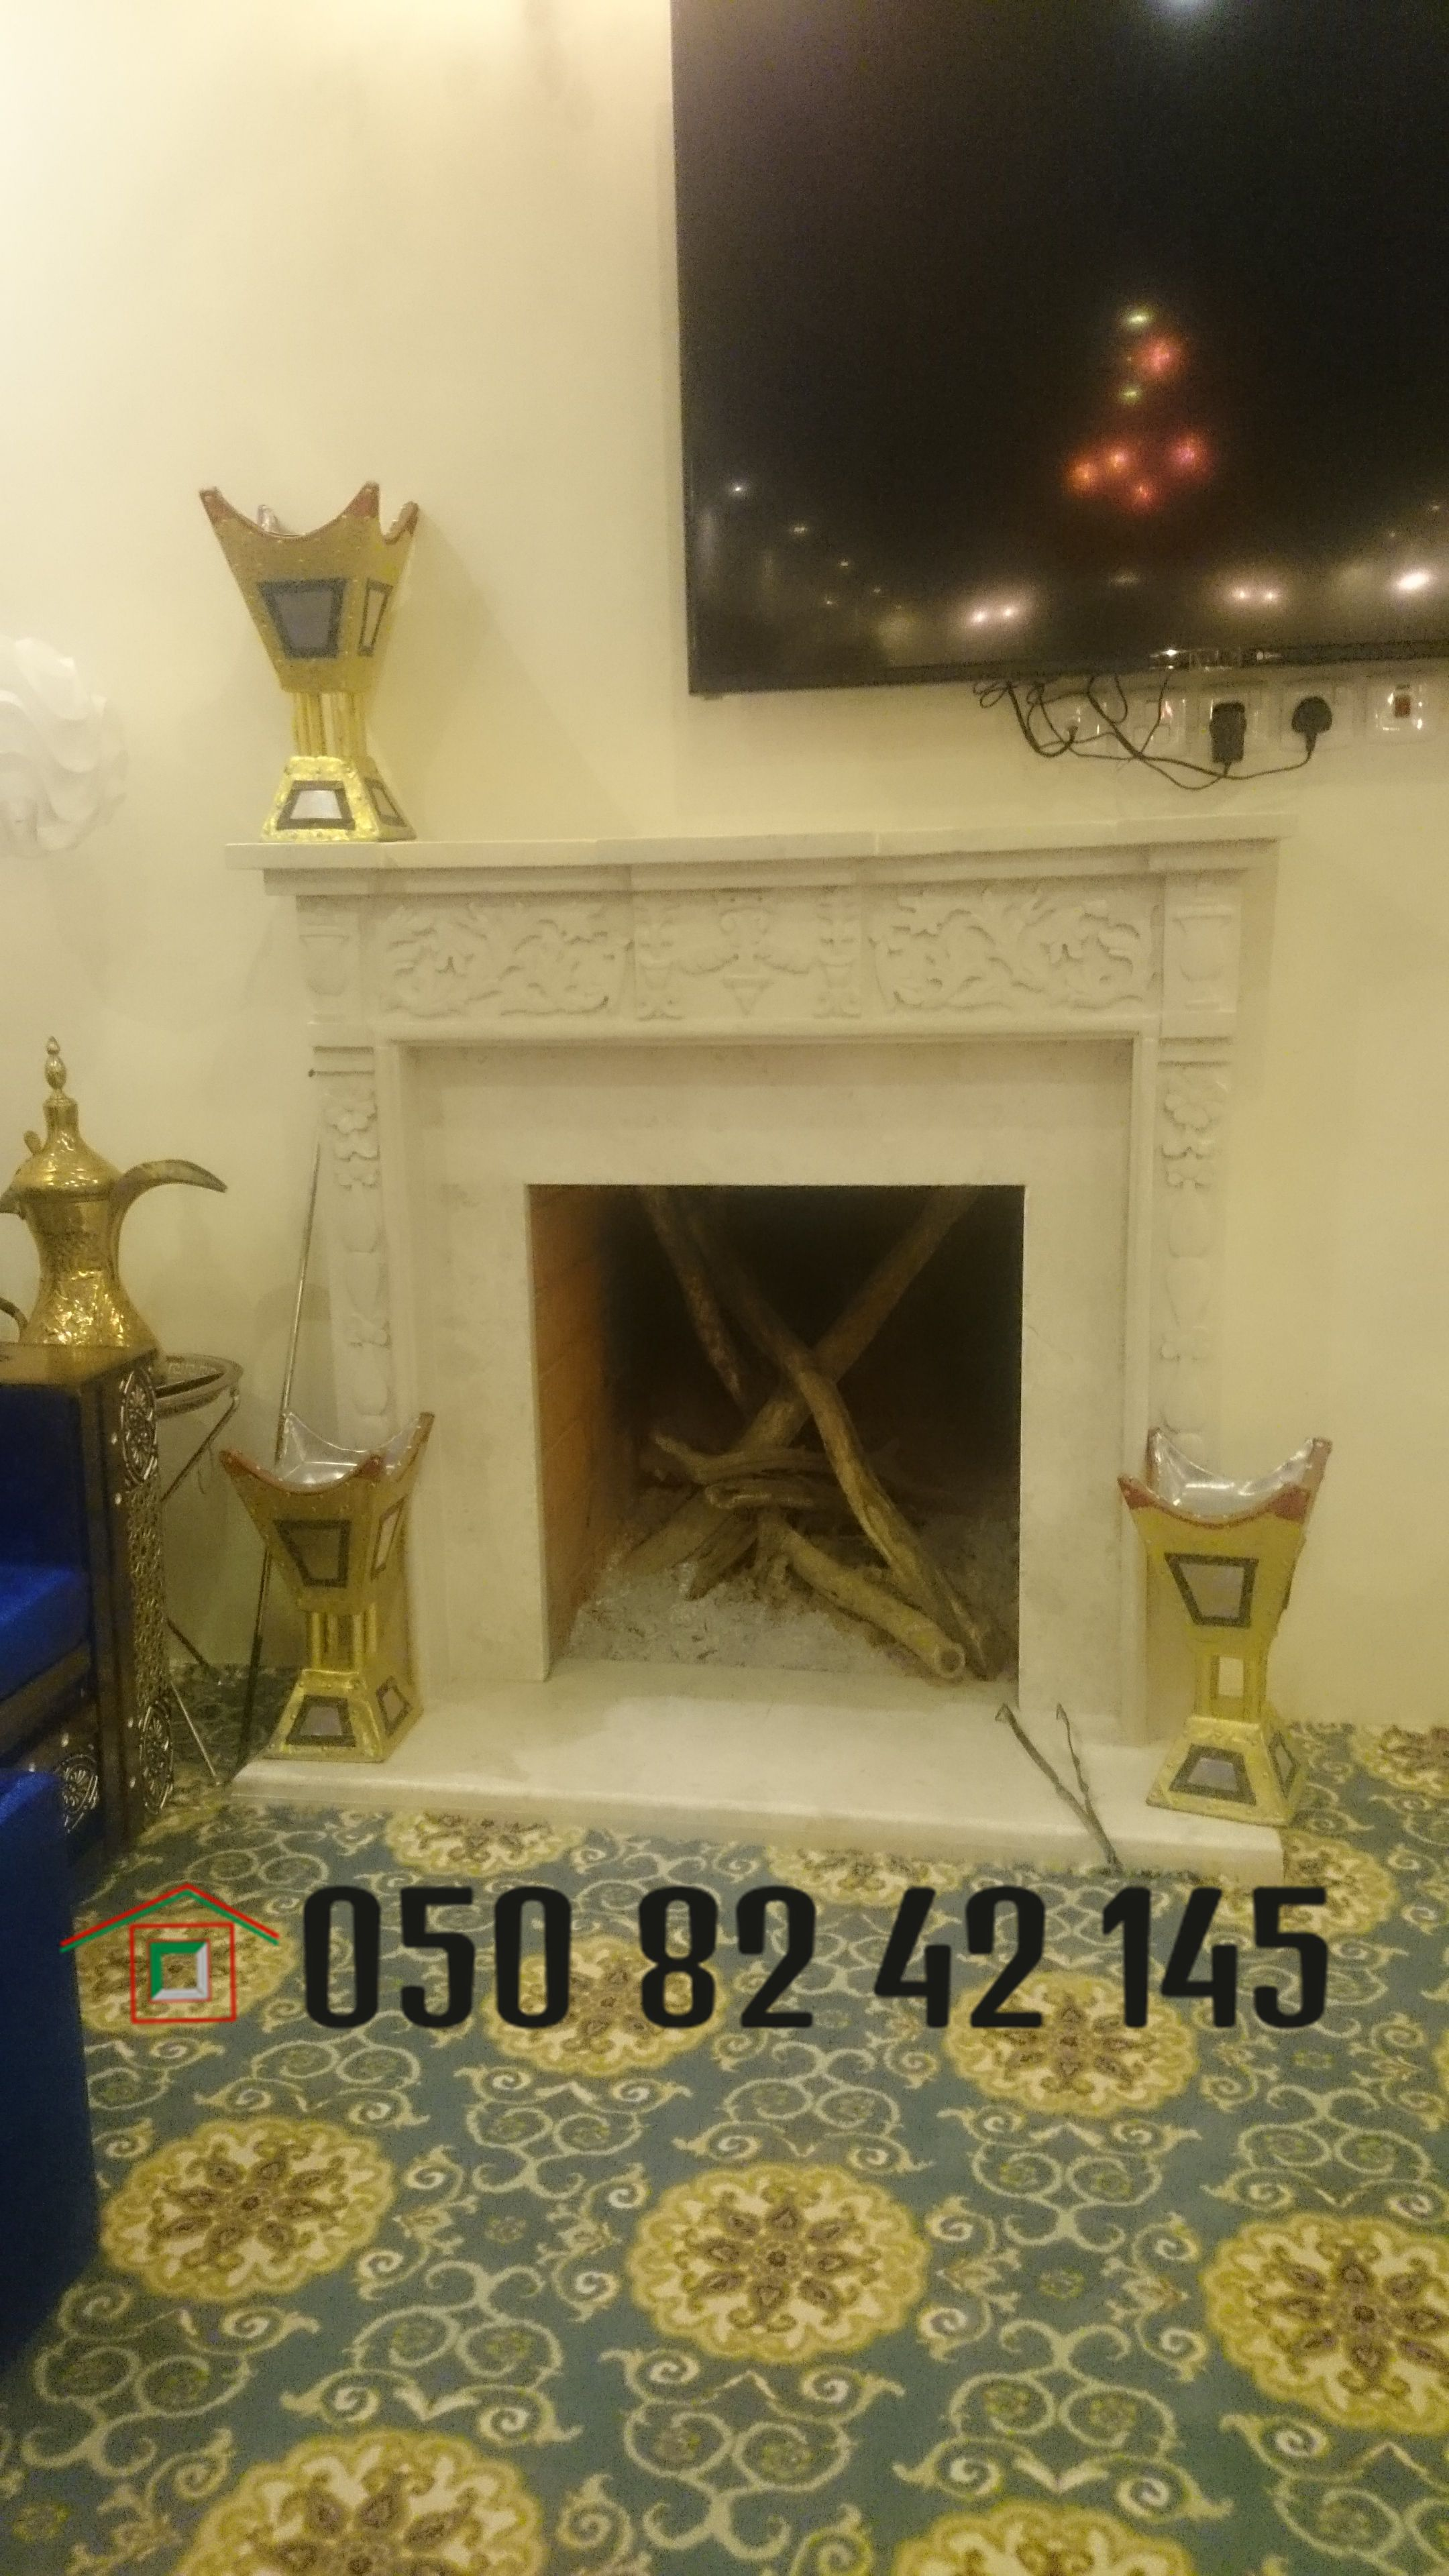 ديكورات مداخن امريكيه Decor Home Decor Fireplace